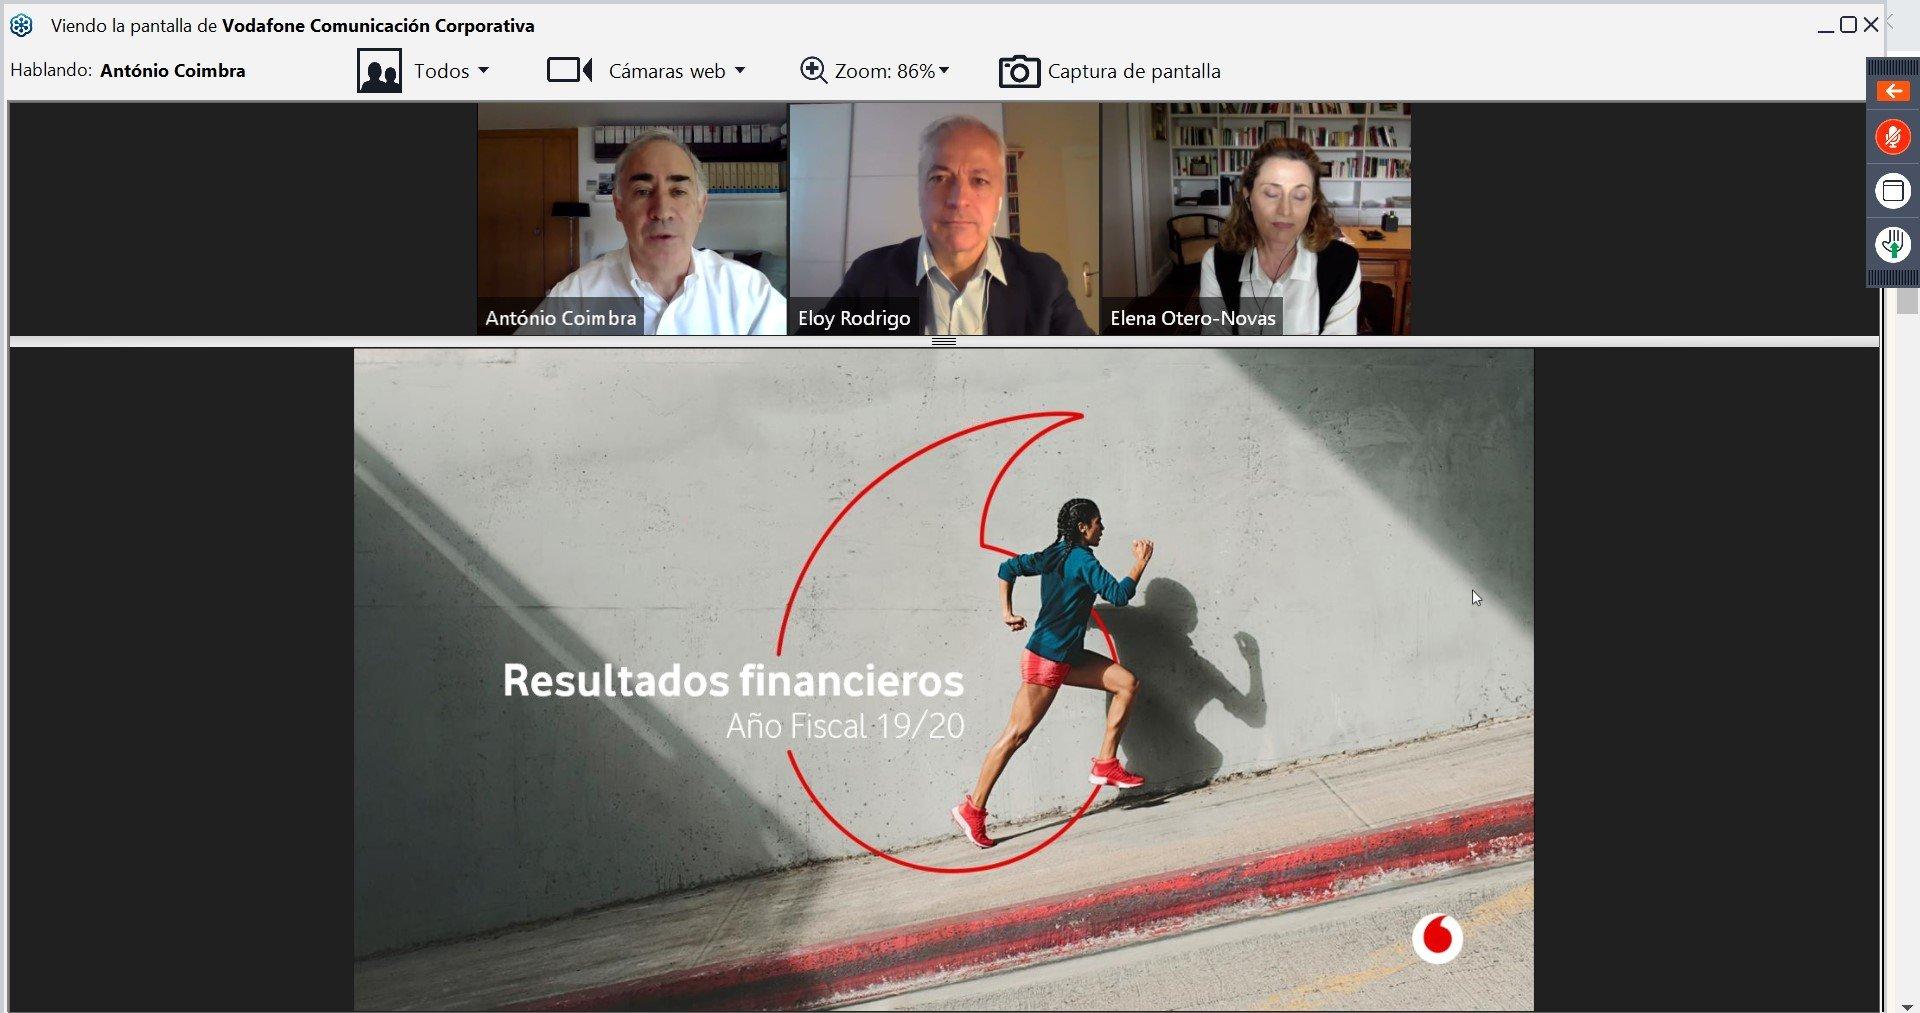 Presentación telemática de resultados de Vodafone España